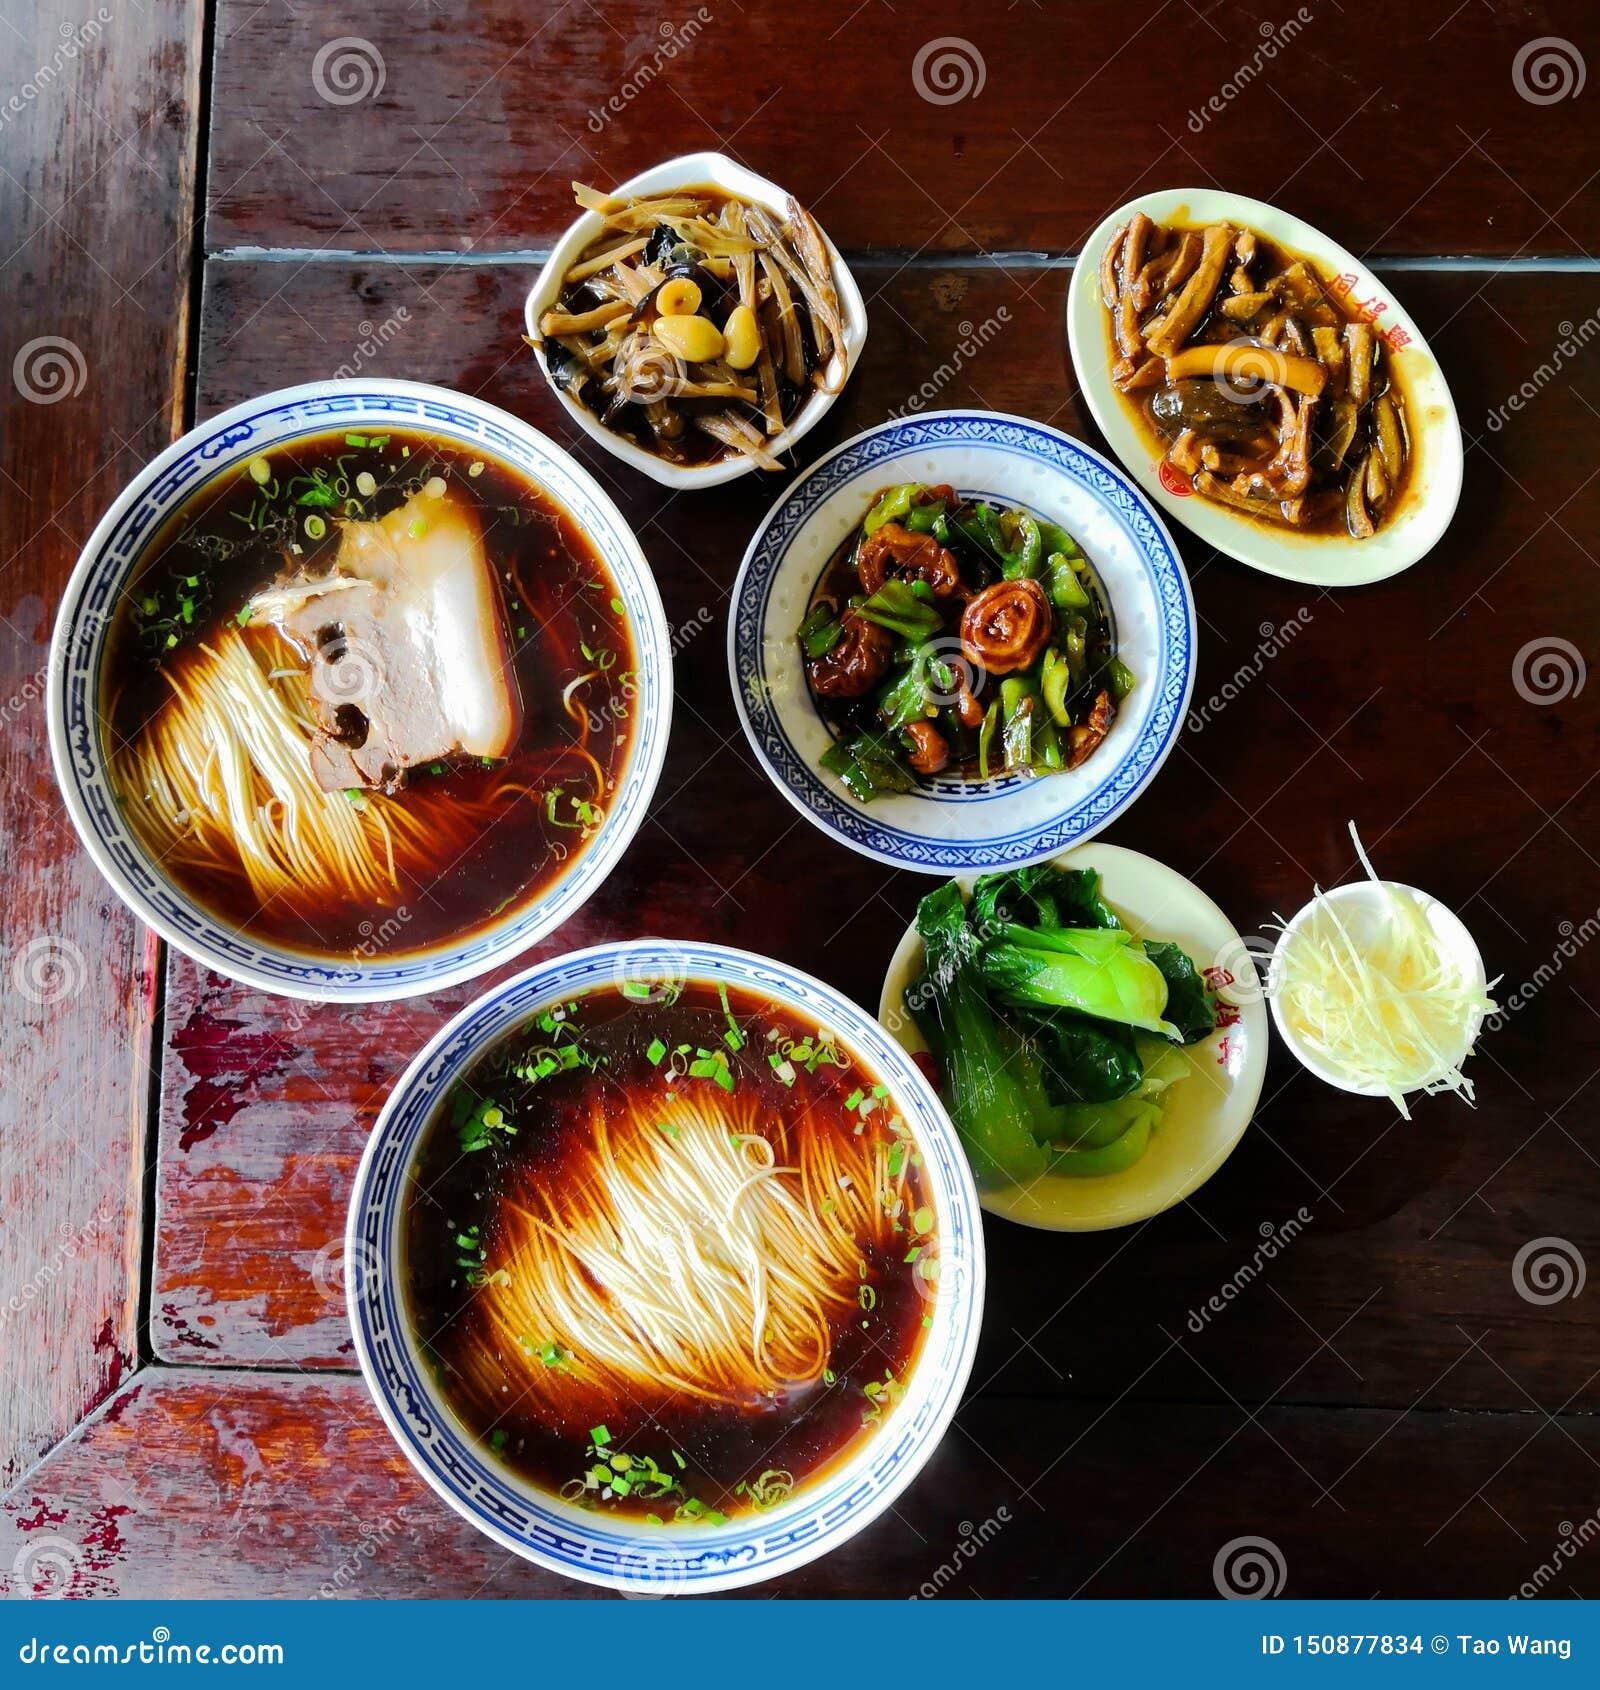 中国风格面条用肉和菜顶部